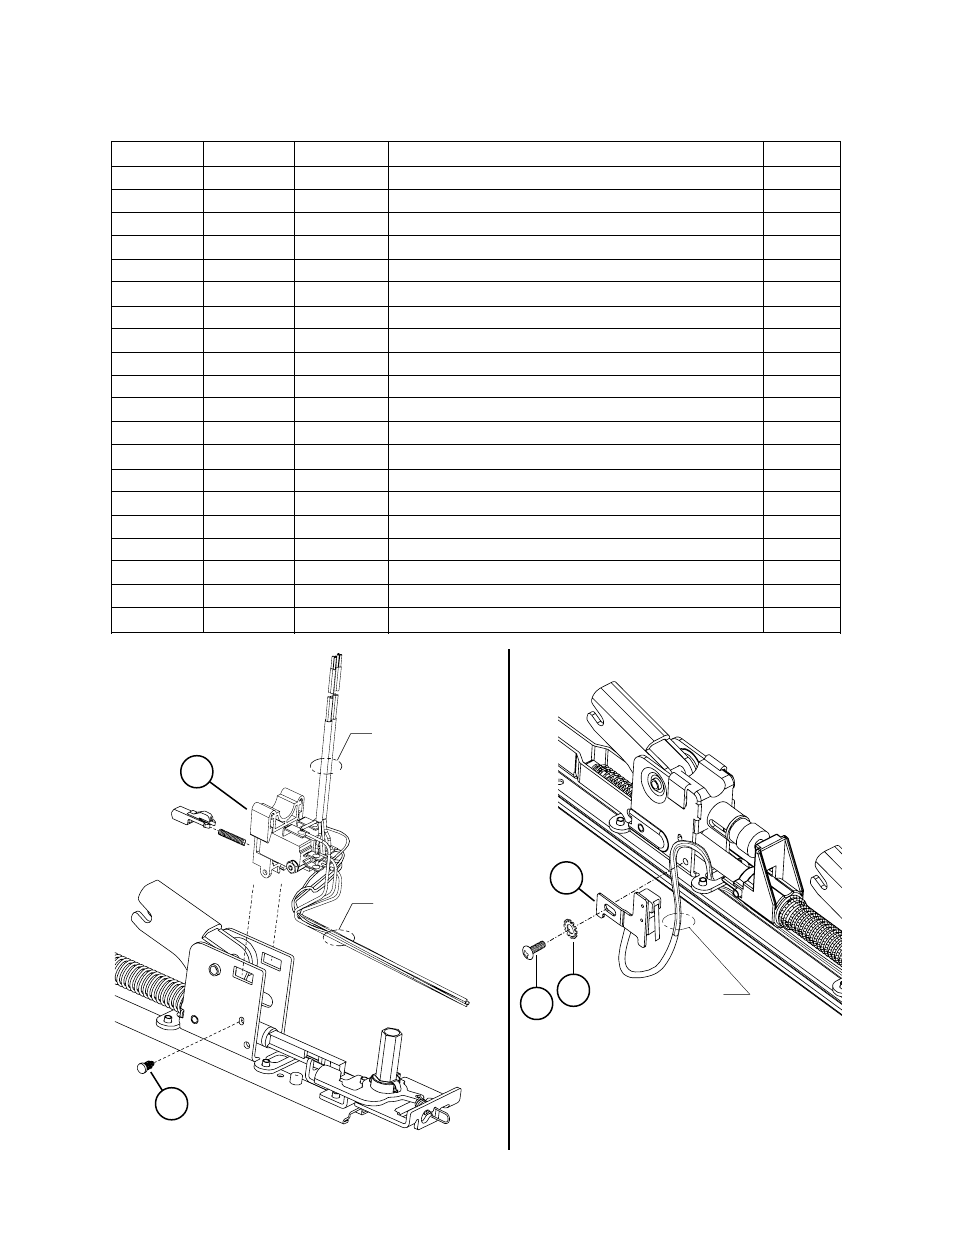 Von Duprin Rx Switch Wiring Diagram Best Secret Lx Aux Factory Direct Hardware Rh Manualsdir Com